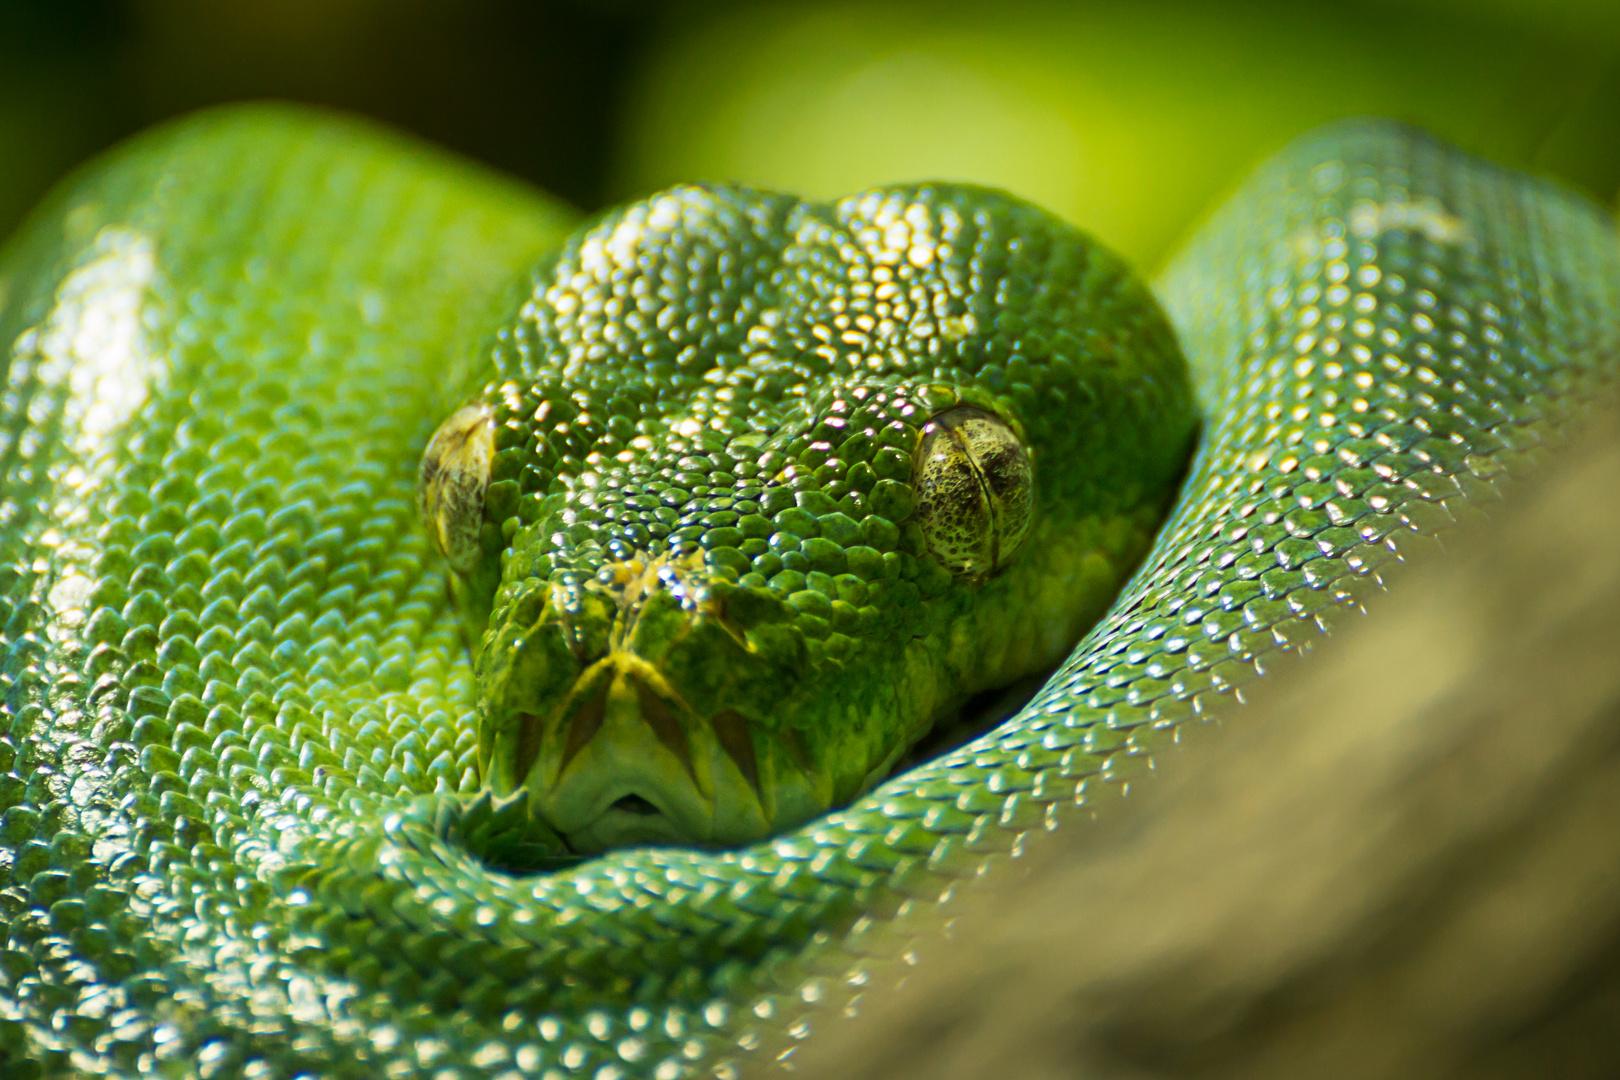 Grüner Python #2